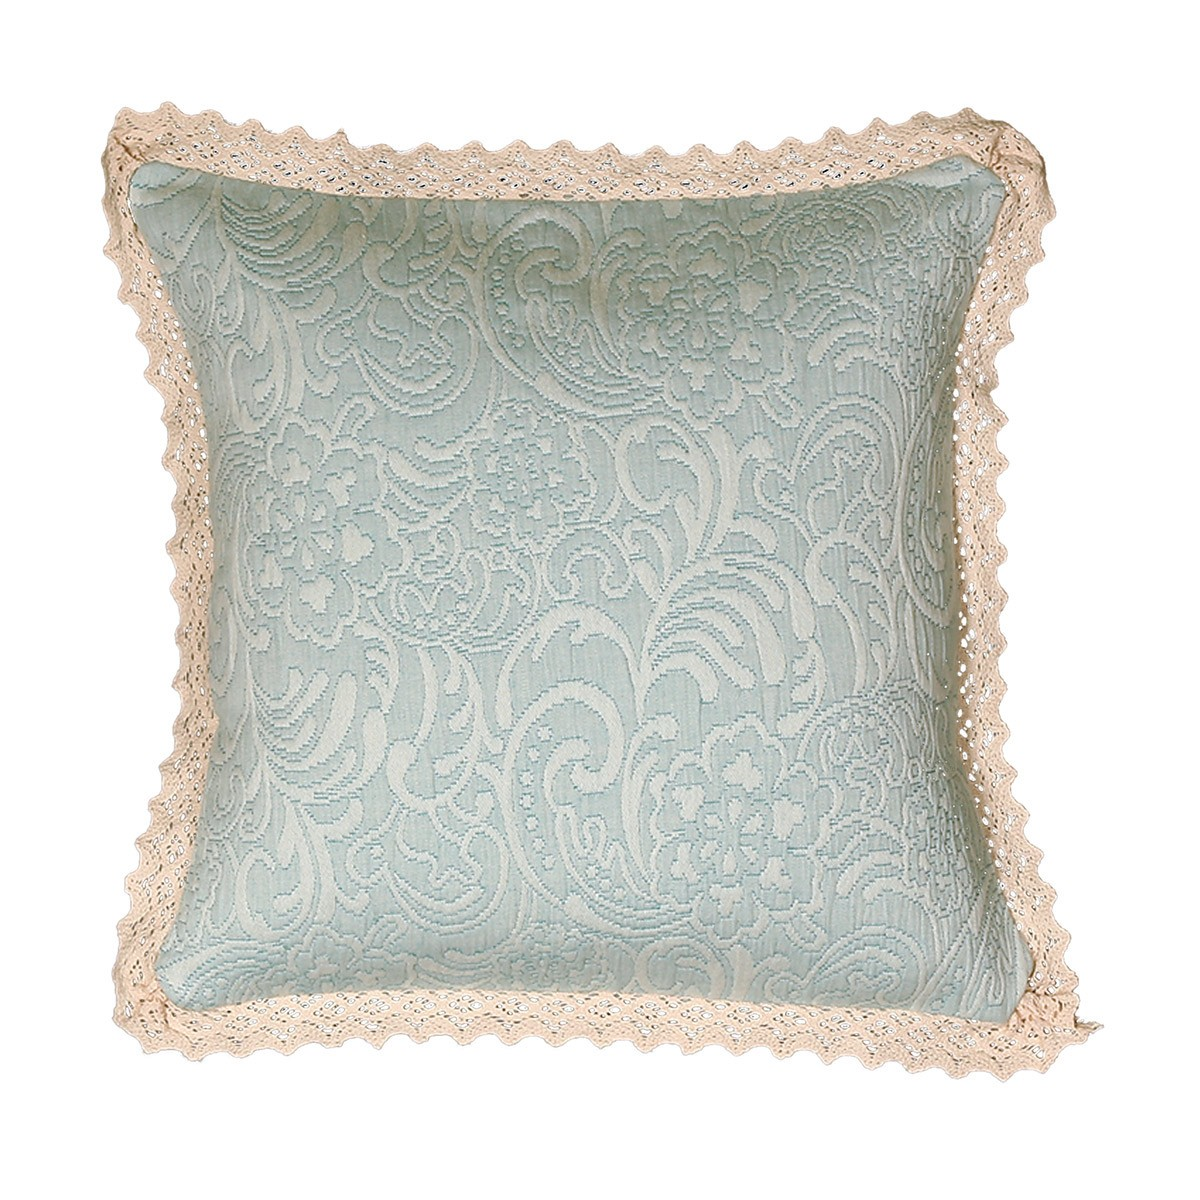 Διακοσμητικό Μαξιλάρι Nef-Nef Elisabeth Aqua home   κρεβατοκάμαρα   διακοσμητικά μαξιλάρια